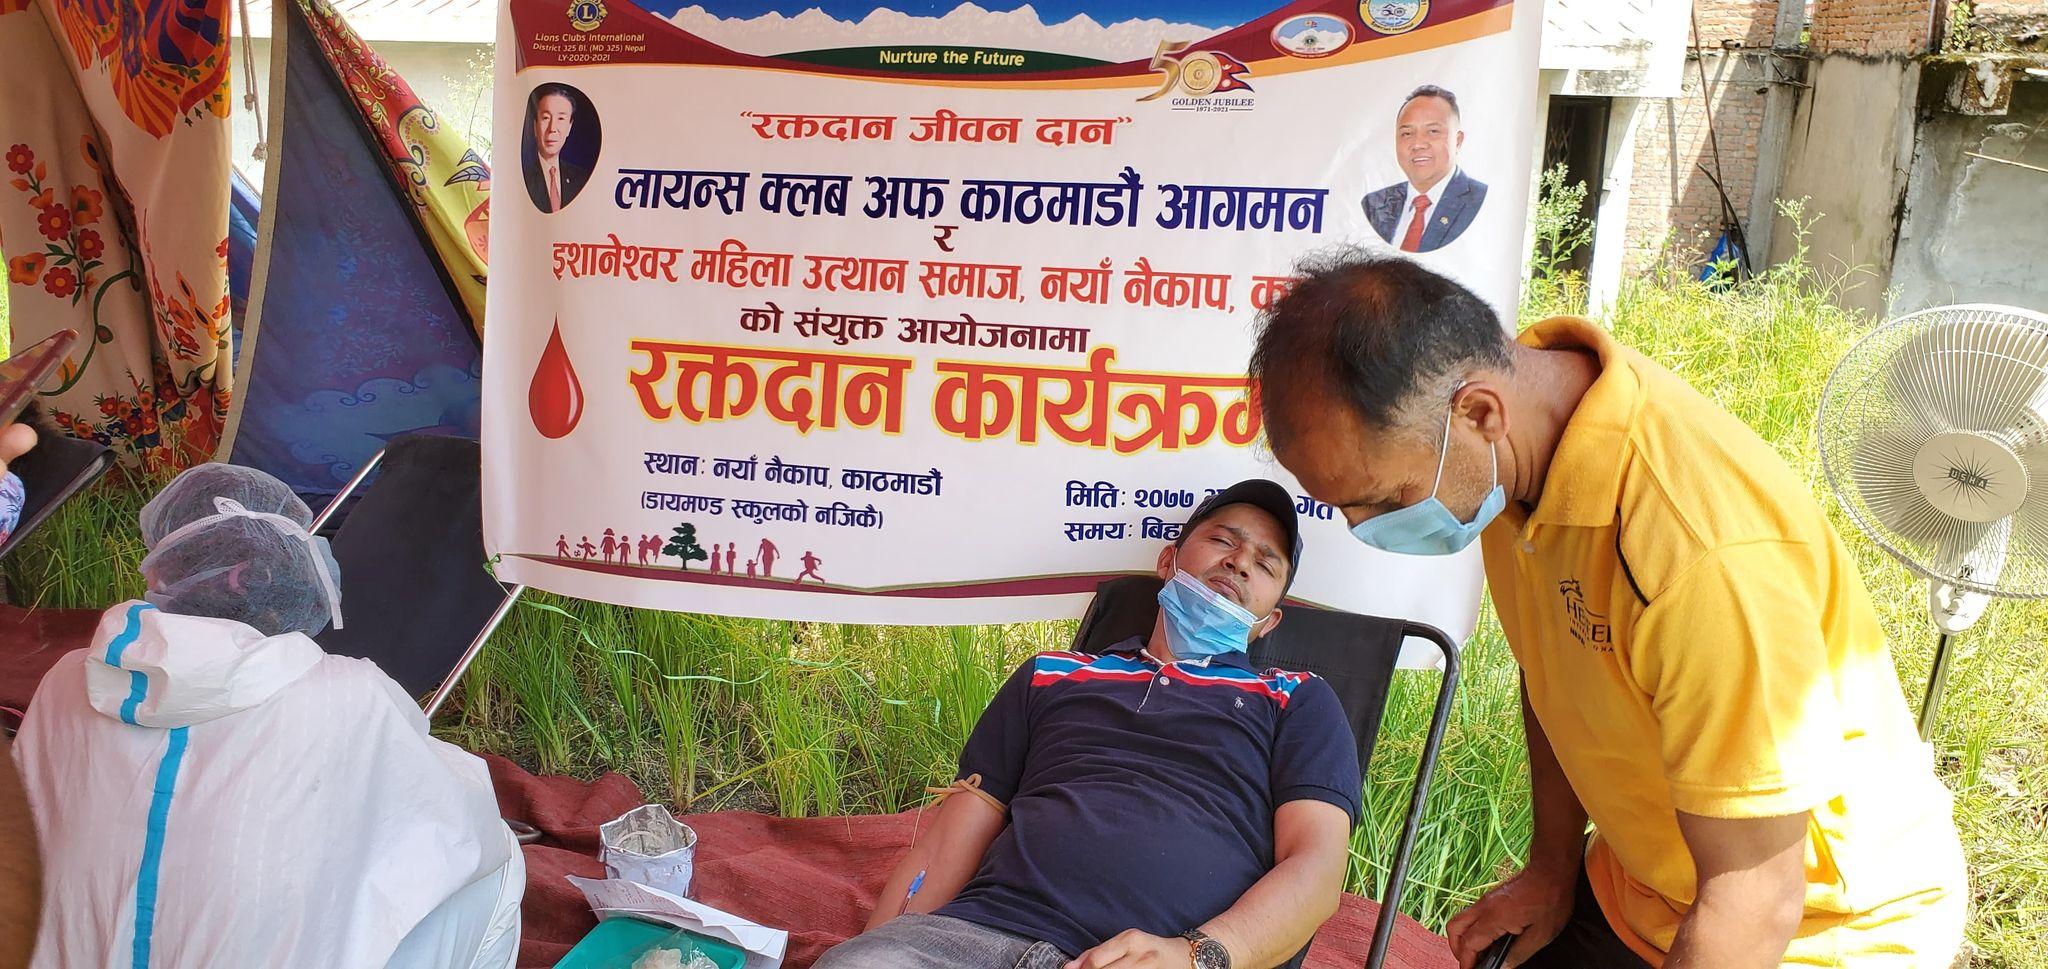 लायन्स क्लब अफ काठमाडौ आगमन र इशानेश्वर महिला उत्थान समाजको संयुक्त रक्तदान कार्यक्रम सम्पन्न